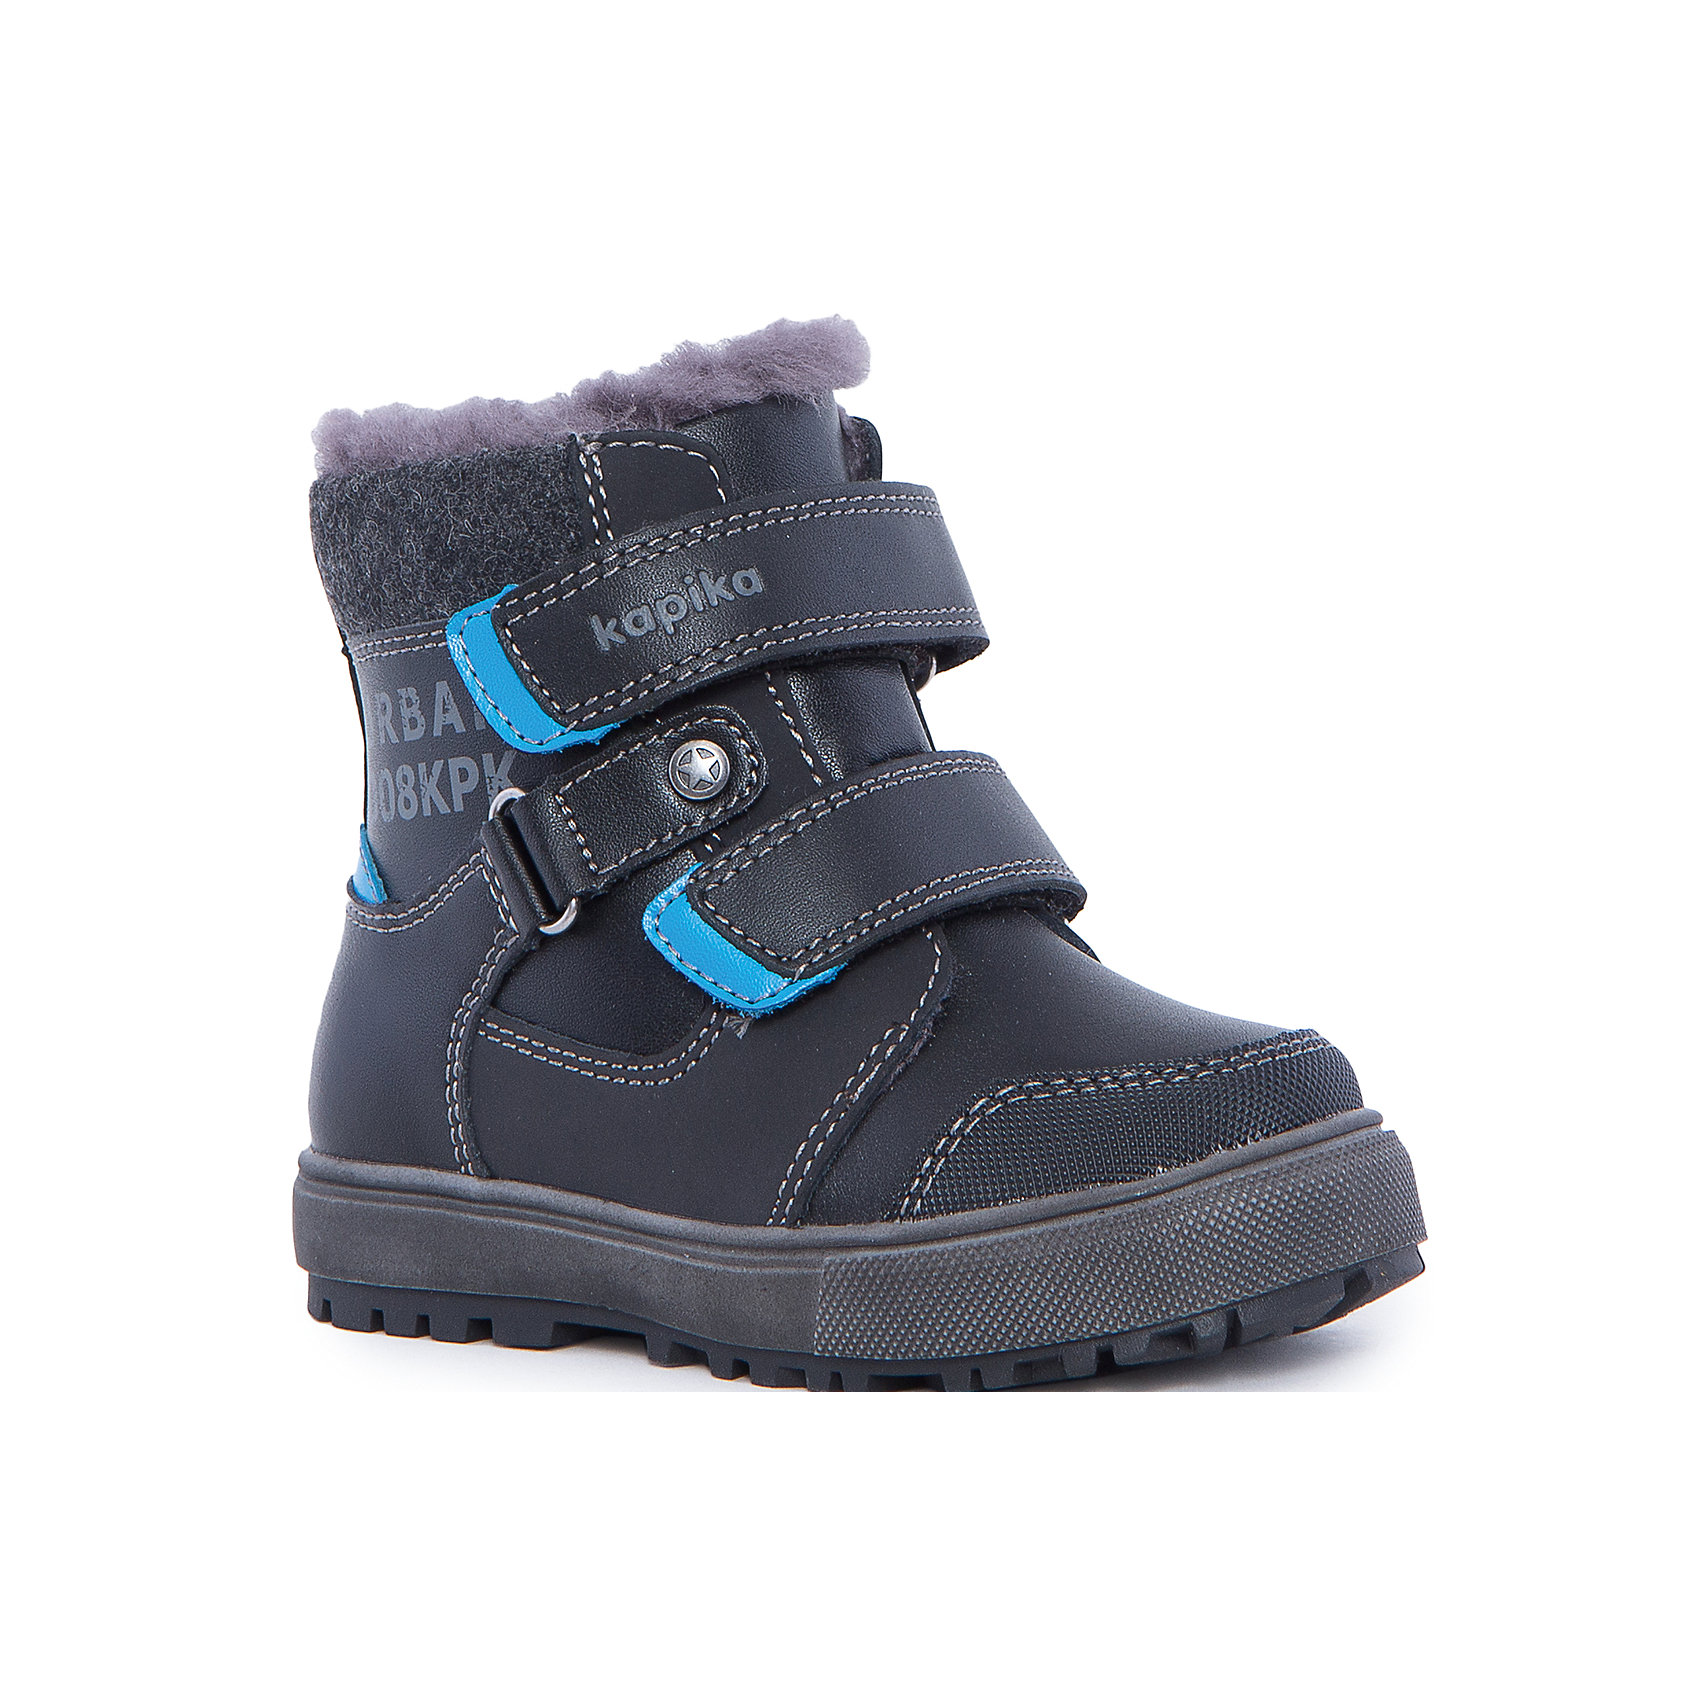 Ботинки для мальчика KAPIKAБотинки<br>Ботинки для мальчика KAPIKA.<br><br>Температурный режим: до -20 градусов. Степень утепления – средняя. <br><br>* Температурный режим указан приблизительно — необходимо, прежде всего, ориентироваться на ощущения ребенка. <br> <br>Красивые модные сапоги сделаны из натуральной кожи. Внутри также натуральный материал – овчина. Мех очень густой, поэтому сапоги подойдут на очень холодную погоду. Прорезиненная подошва и носок с защитой от стирания и попадания влаги. Застегиваются на молнию и фиксируются по ноге с помощью липучек.<br><br>Дополнительная информация:<br><br>- материал верха: натуральная кожа, натуральная замша<br>- материал подкладки: натуральный мех<br>- цвет: синий<br><br>Ботинки для мальчика KAPIKA можно купить в нашем интернет магазине.<br><br>Ширина мм: 262<br>Глубина мм: 176<br>Высота мм: 97<br>Вес г: 427<br>Цвет: черный<br>Возраст от месяцев: 18<br>Возраст до месяцев: 21<br>Пол: Мужской<br>Возраст: Детский<br>Размер: 23,27,24,25,26<br>SKU: 4988139